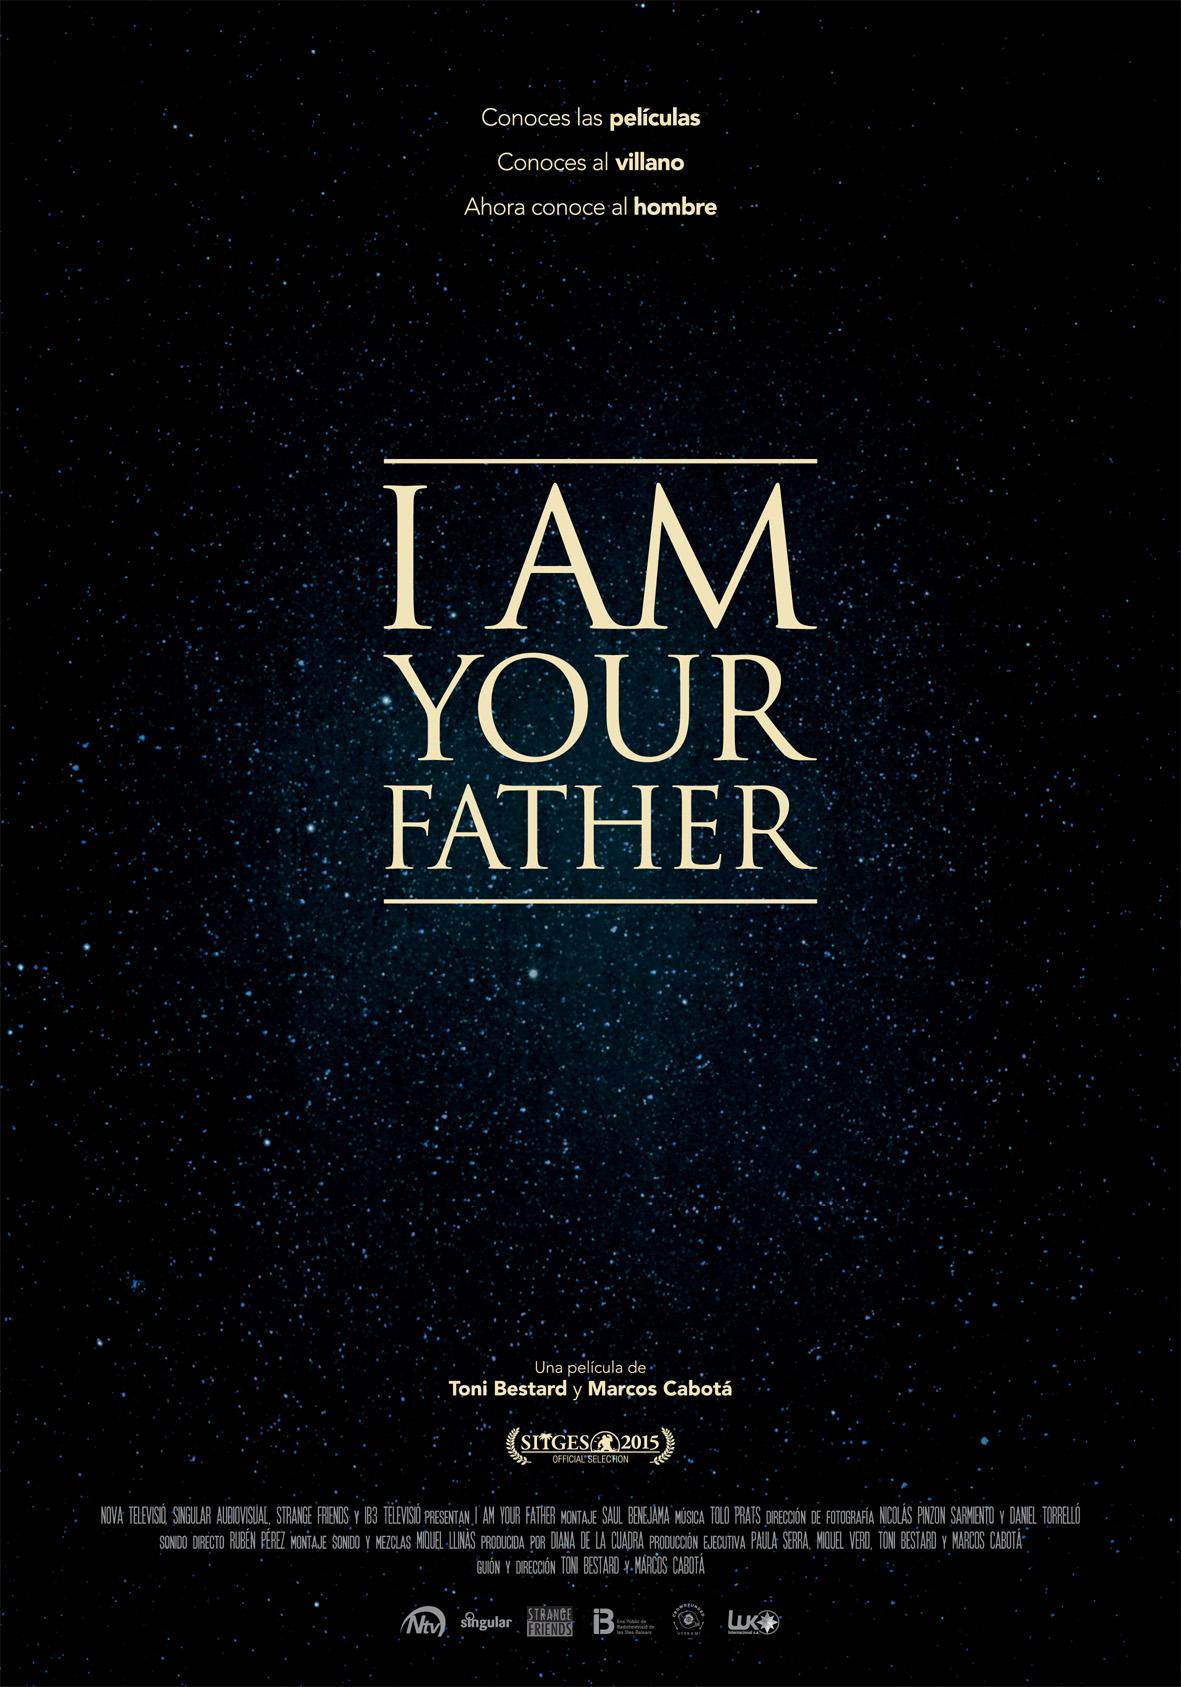 El documental revela qué ocurrió para que no fuera la cara de David Prowse la que vimos cuando Darth Vader se descubrió.